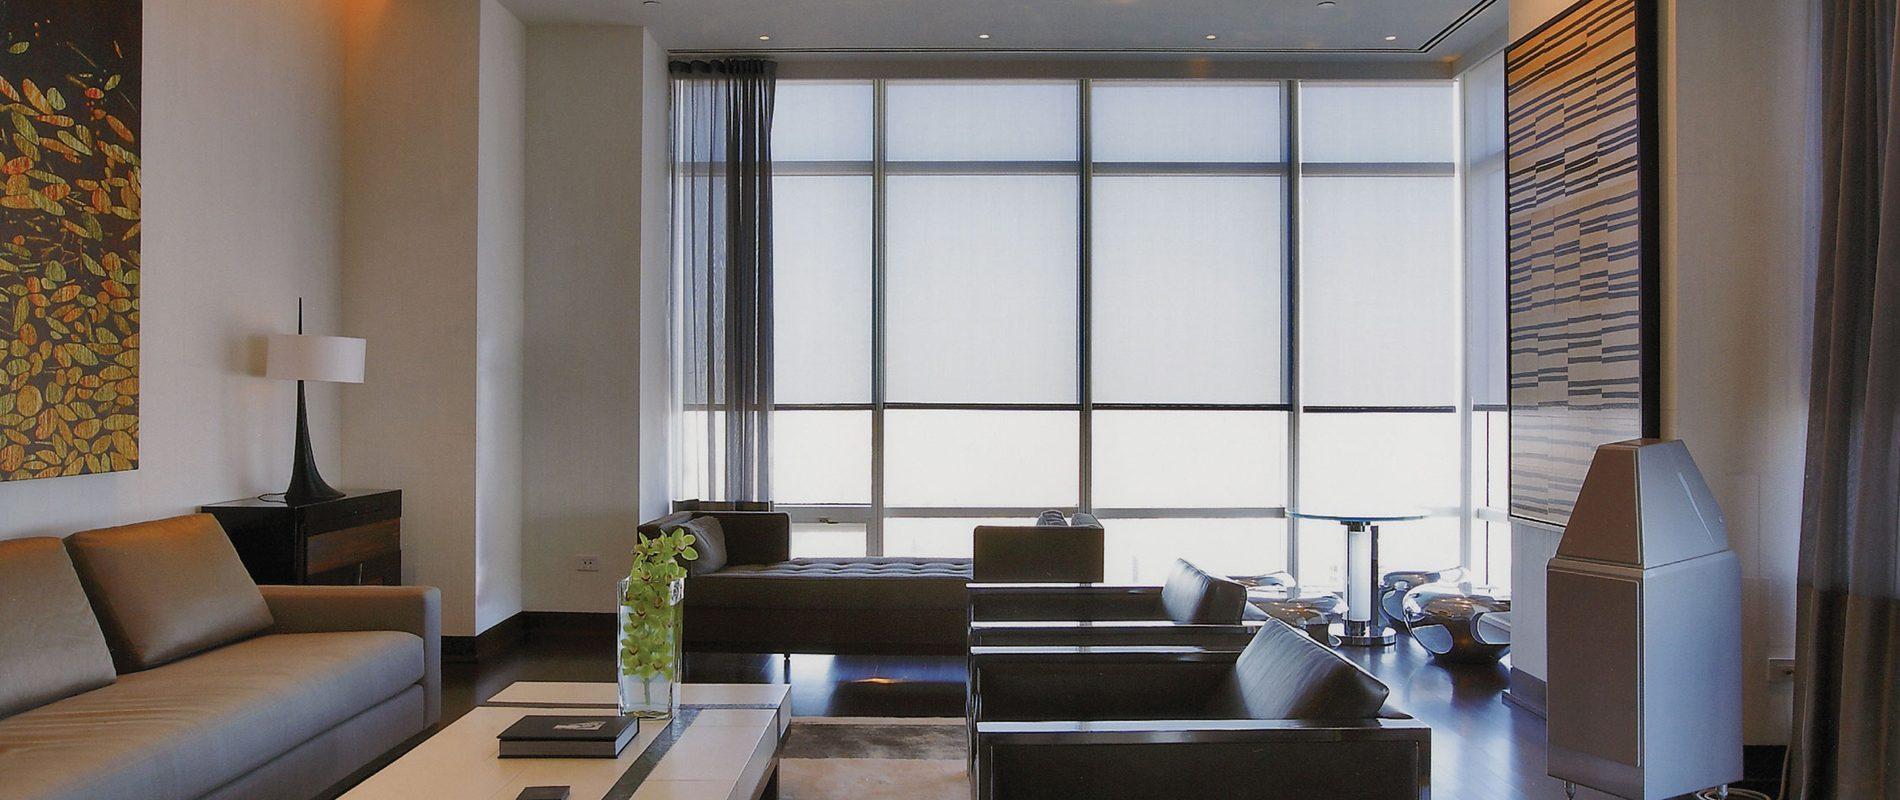 Ambiente com cortina e blackout - Portfólio